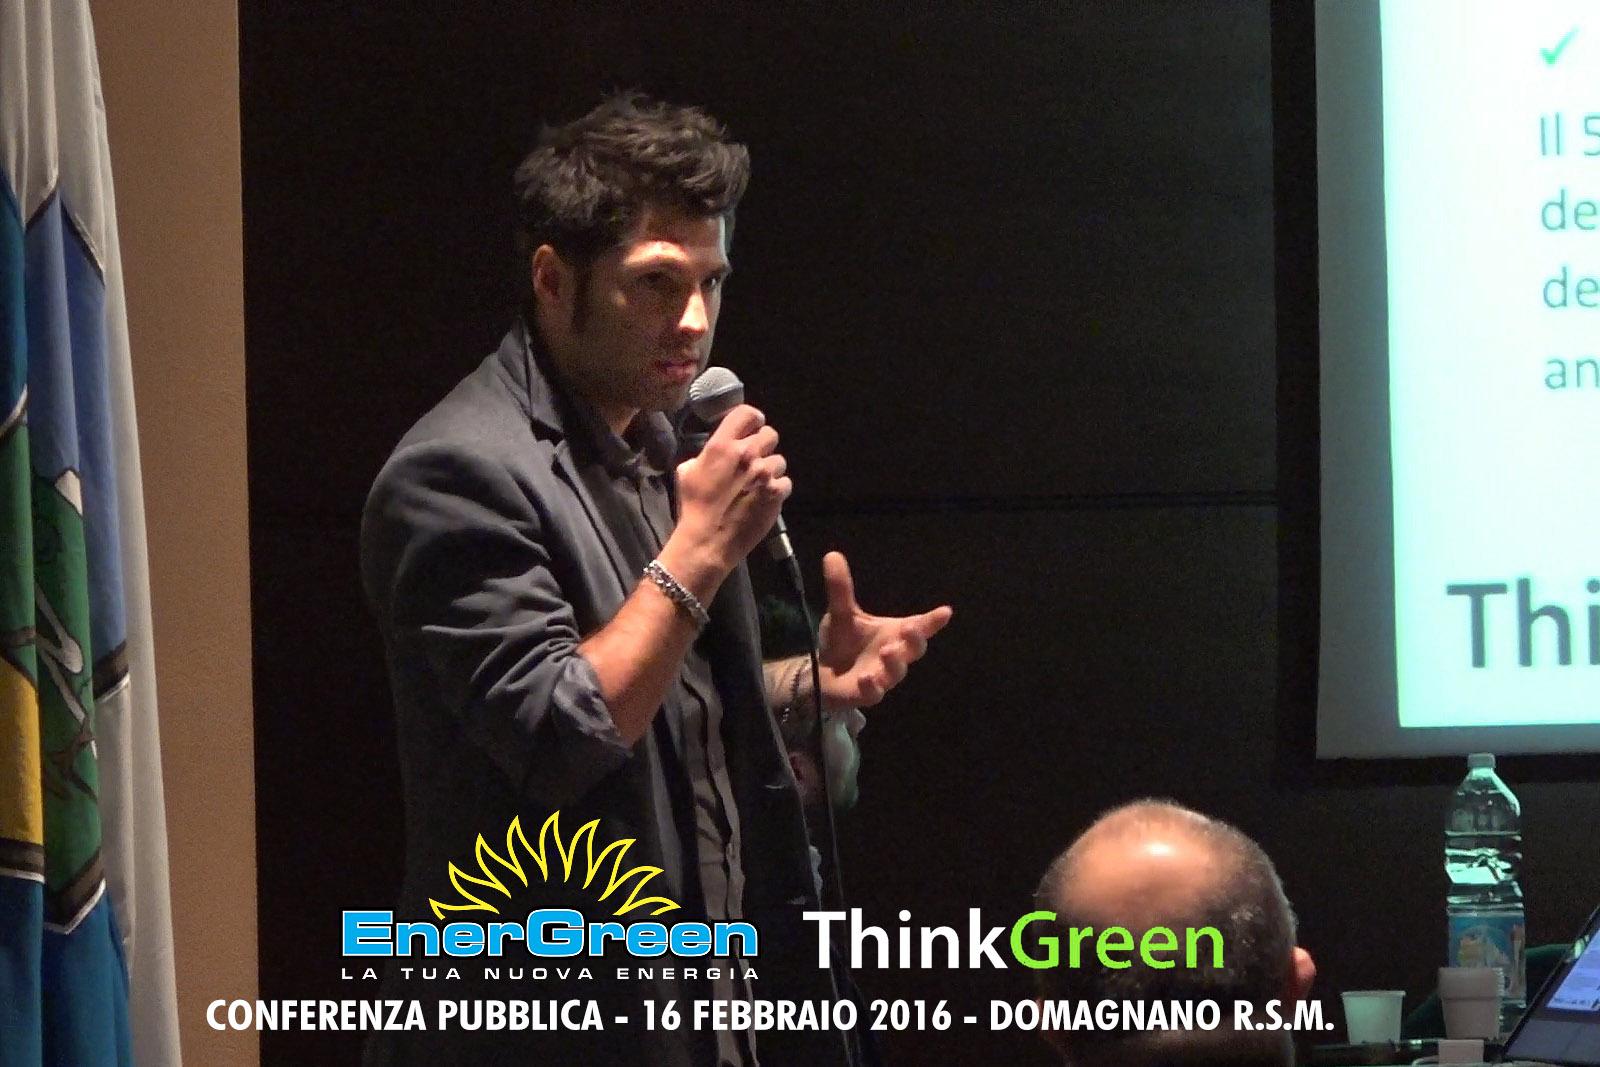 Think Green 2016: un Workshop a cura di Energreen